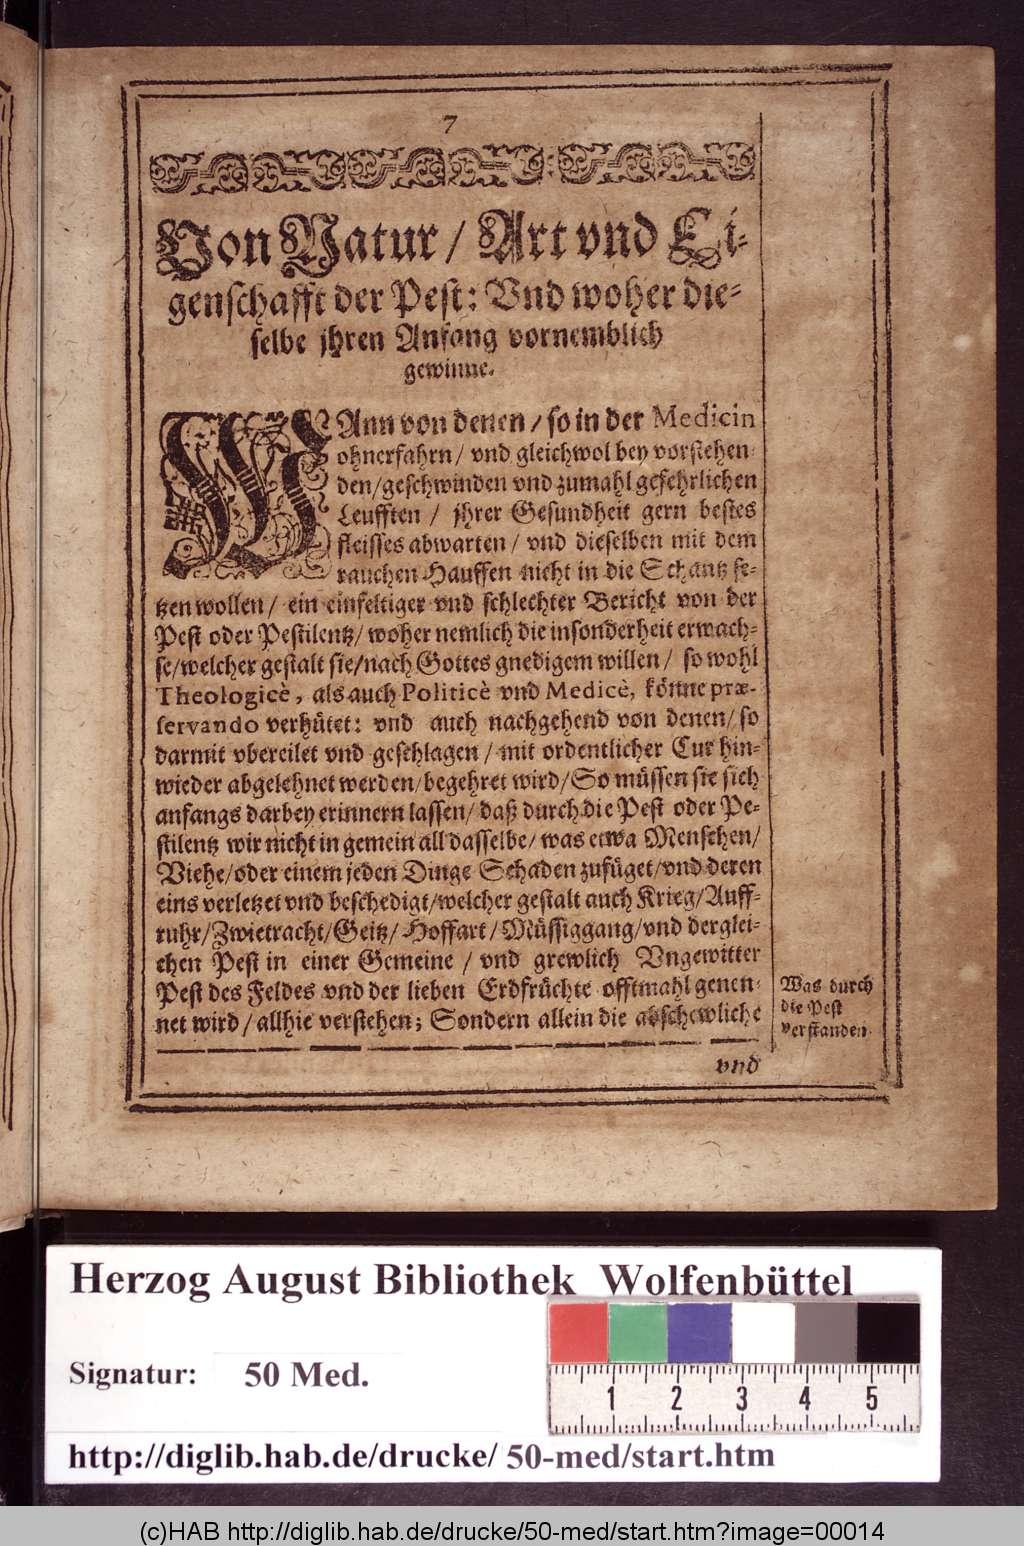 http://diglib.hab.de/drucke/50-med/00014.jpg